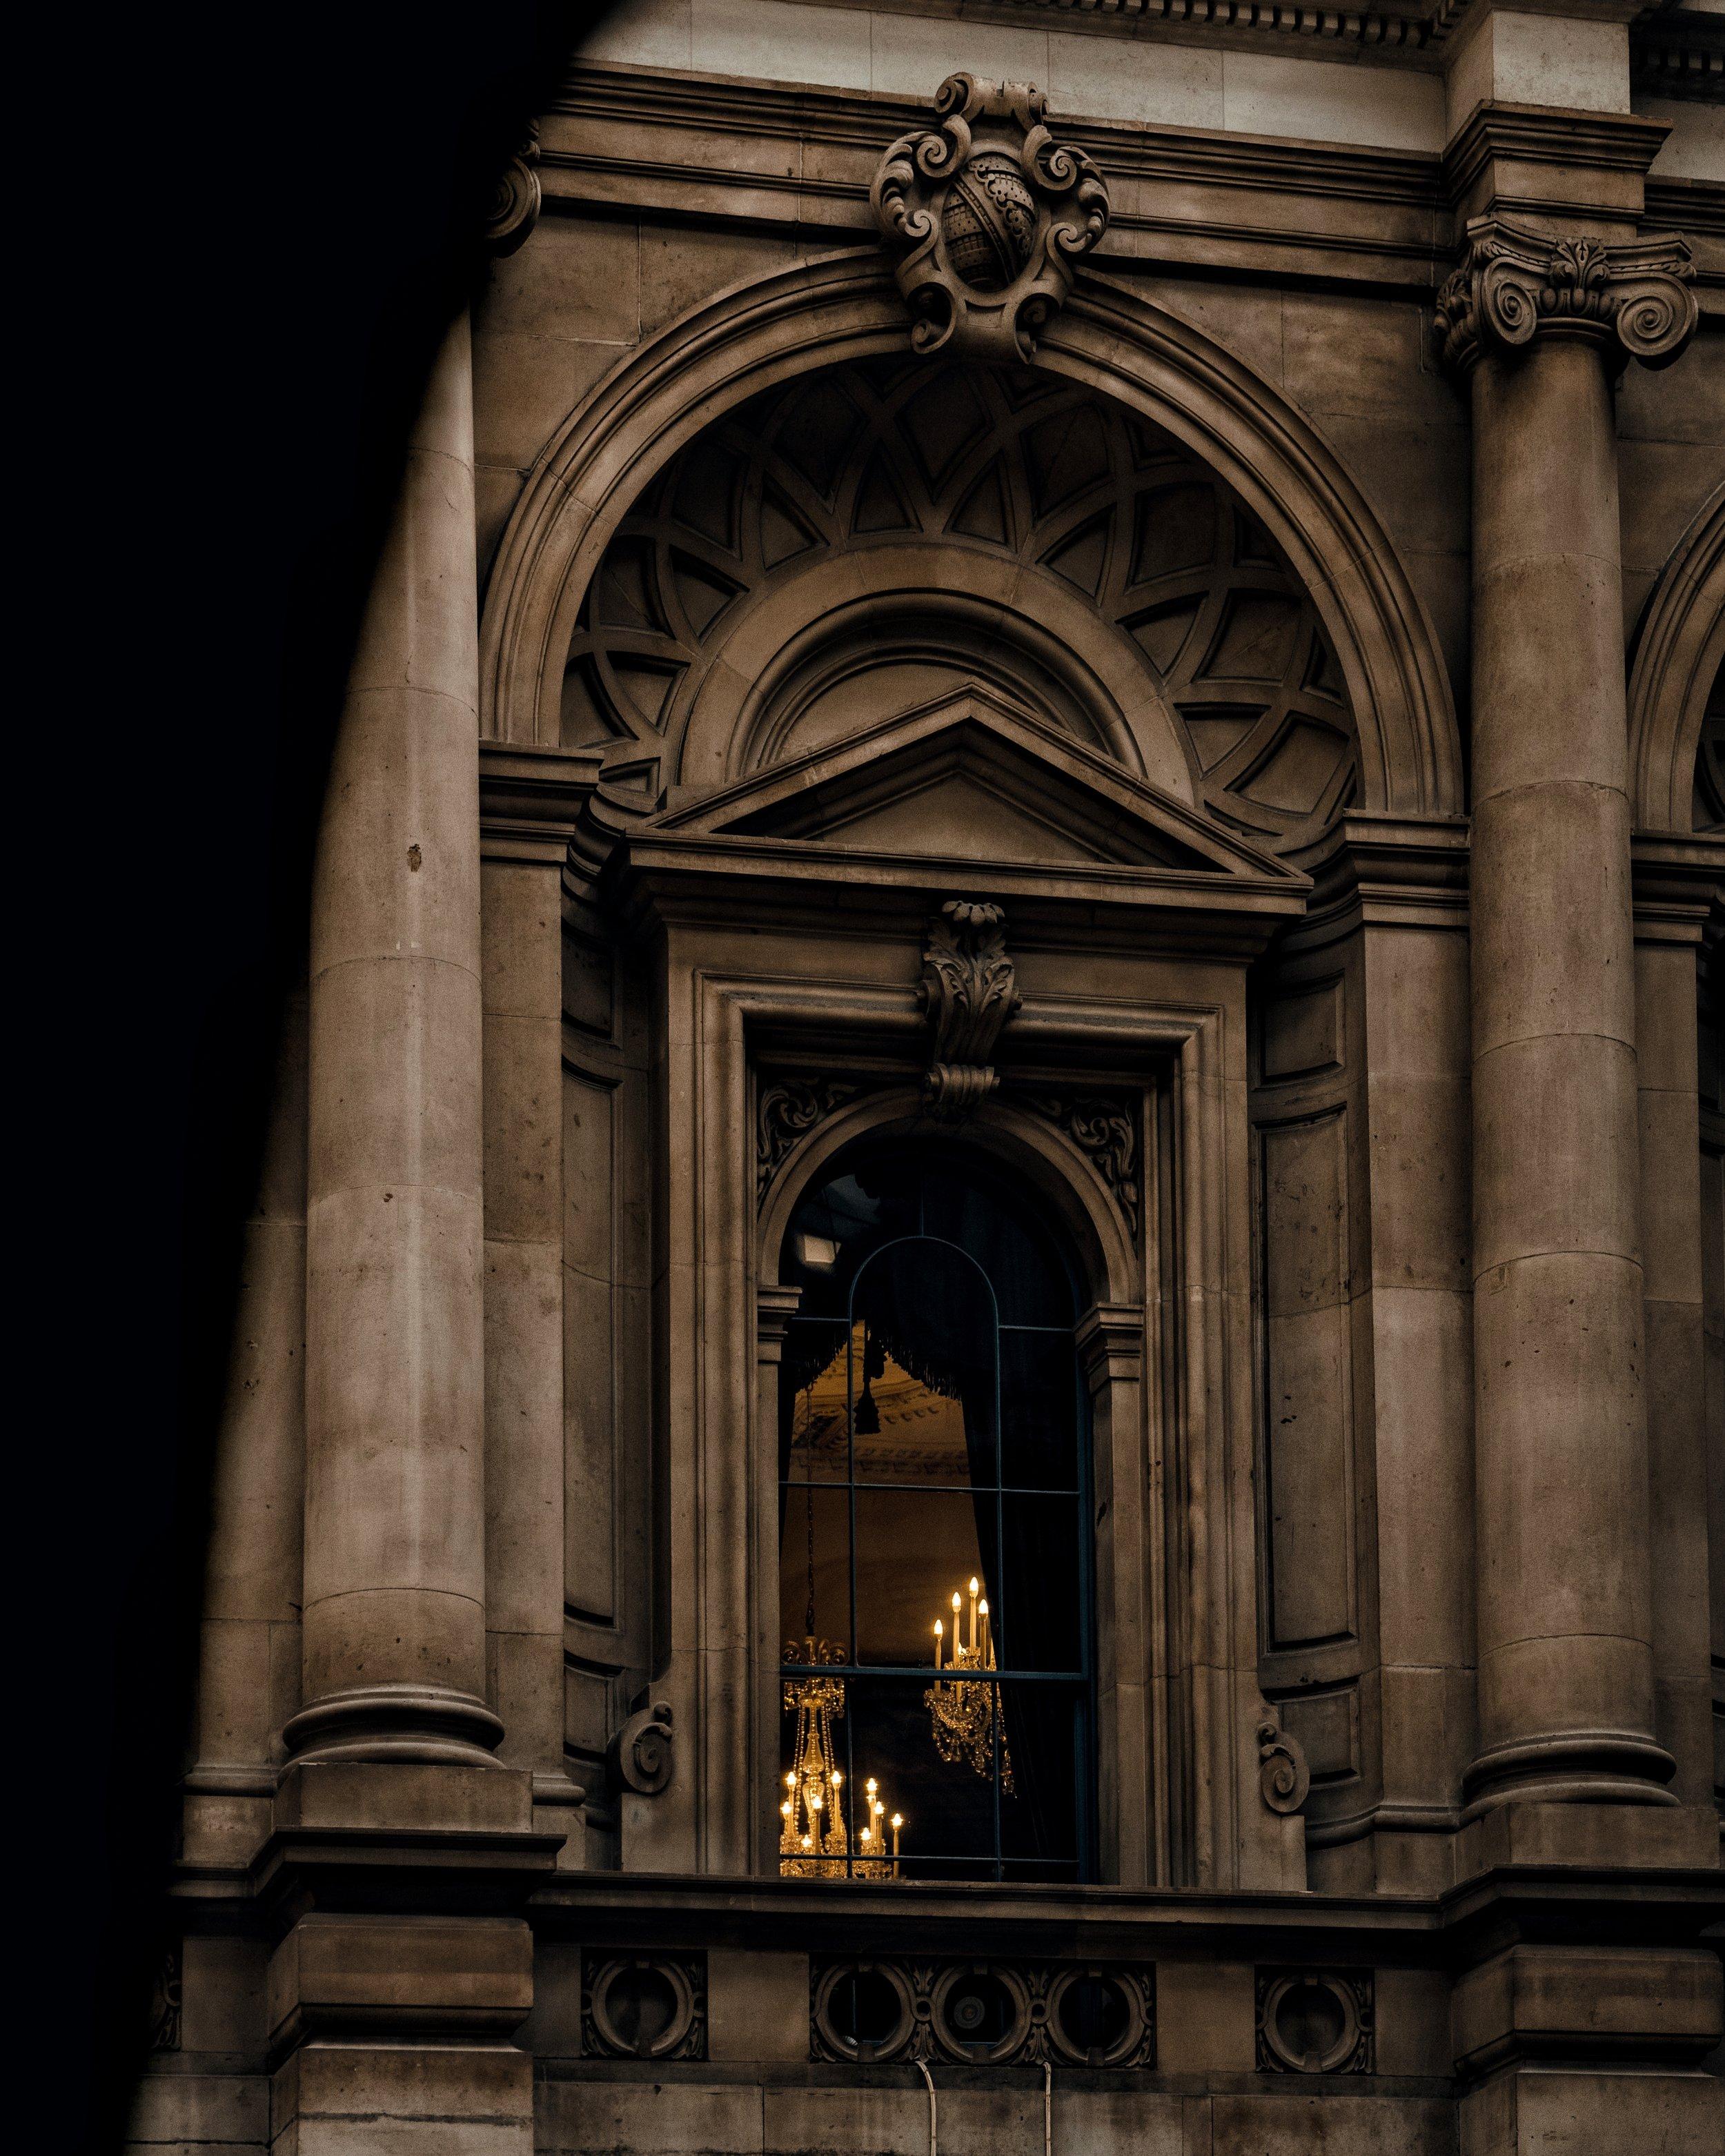 Window, The Royal Exchange